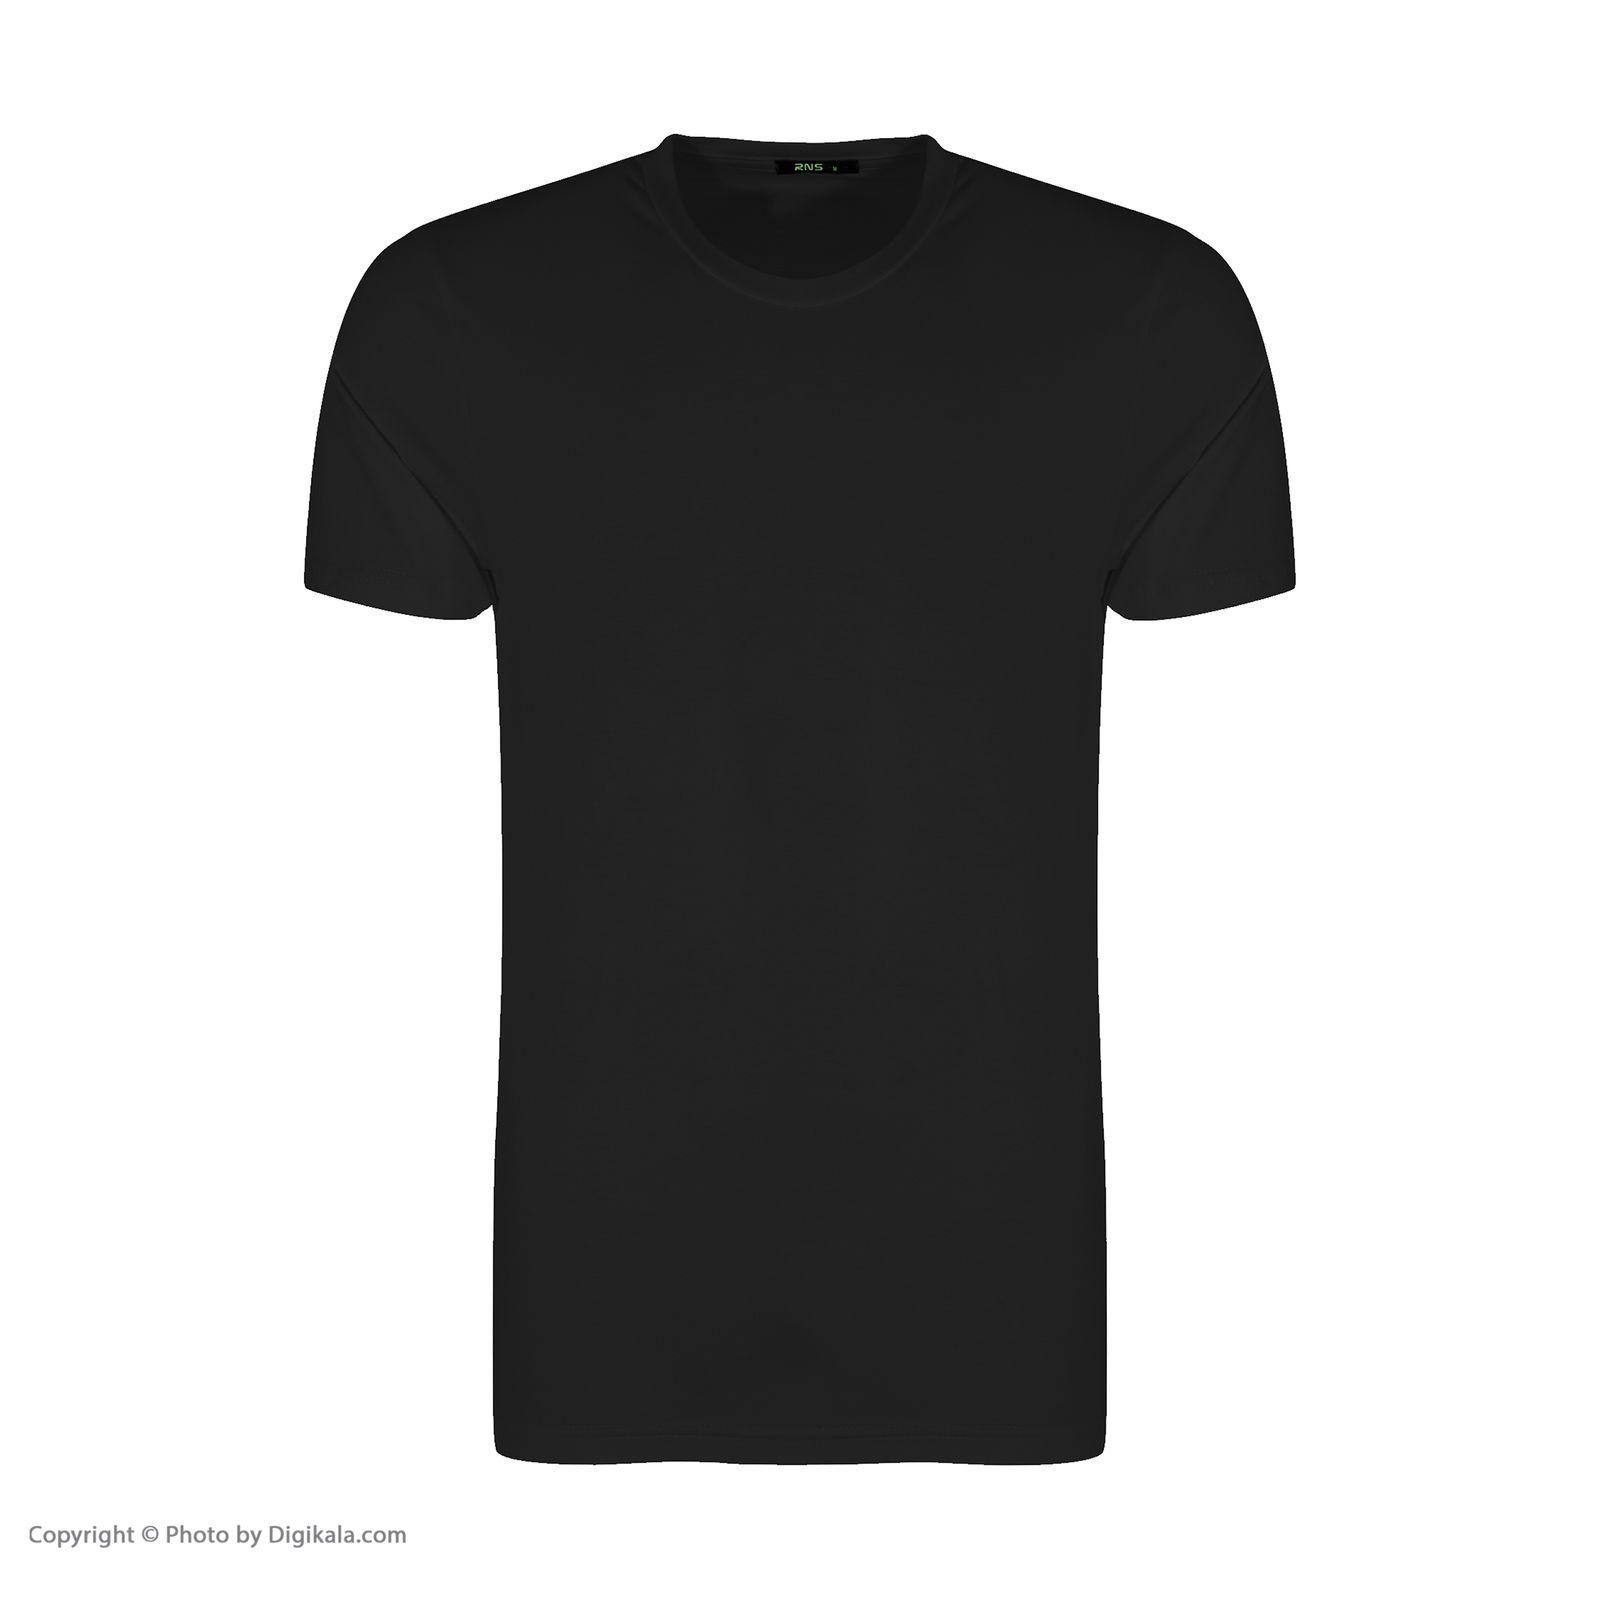 تی شرت مردانه آر ان اس مدل 131005-99 -  - 1